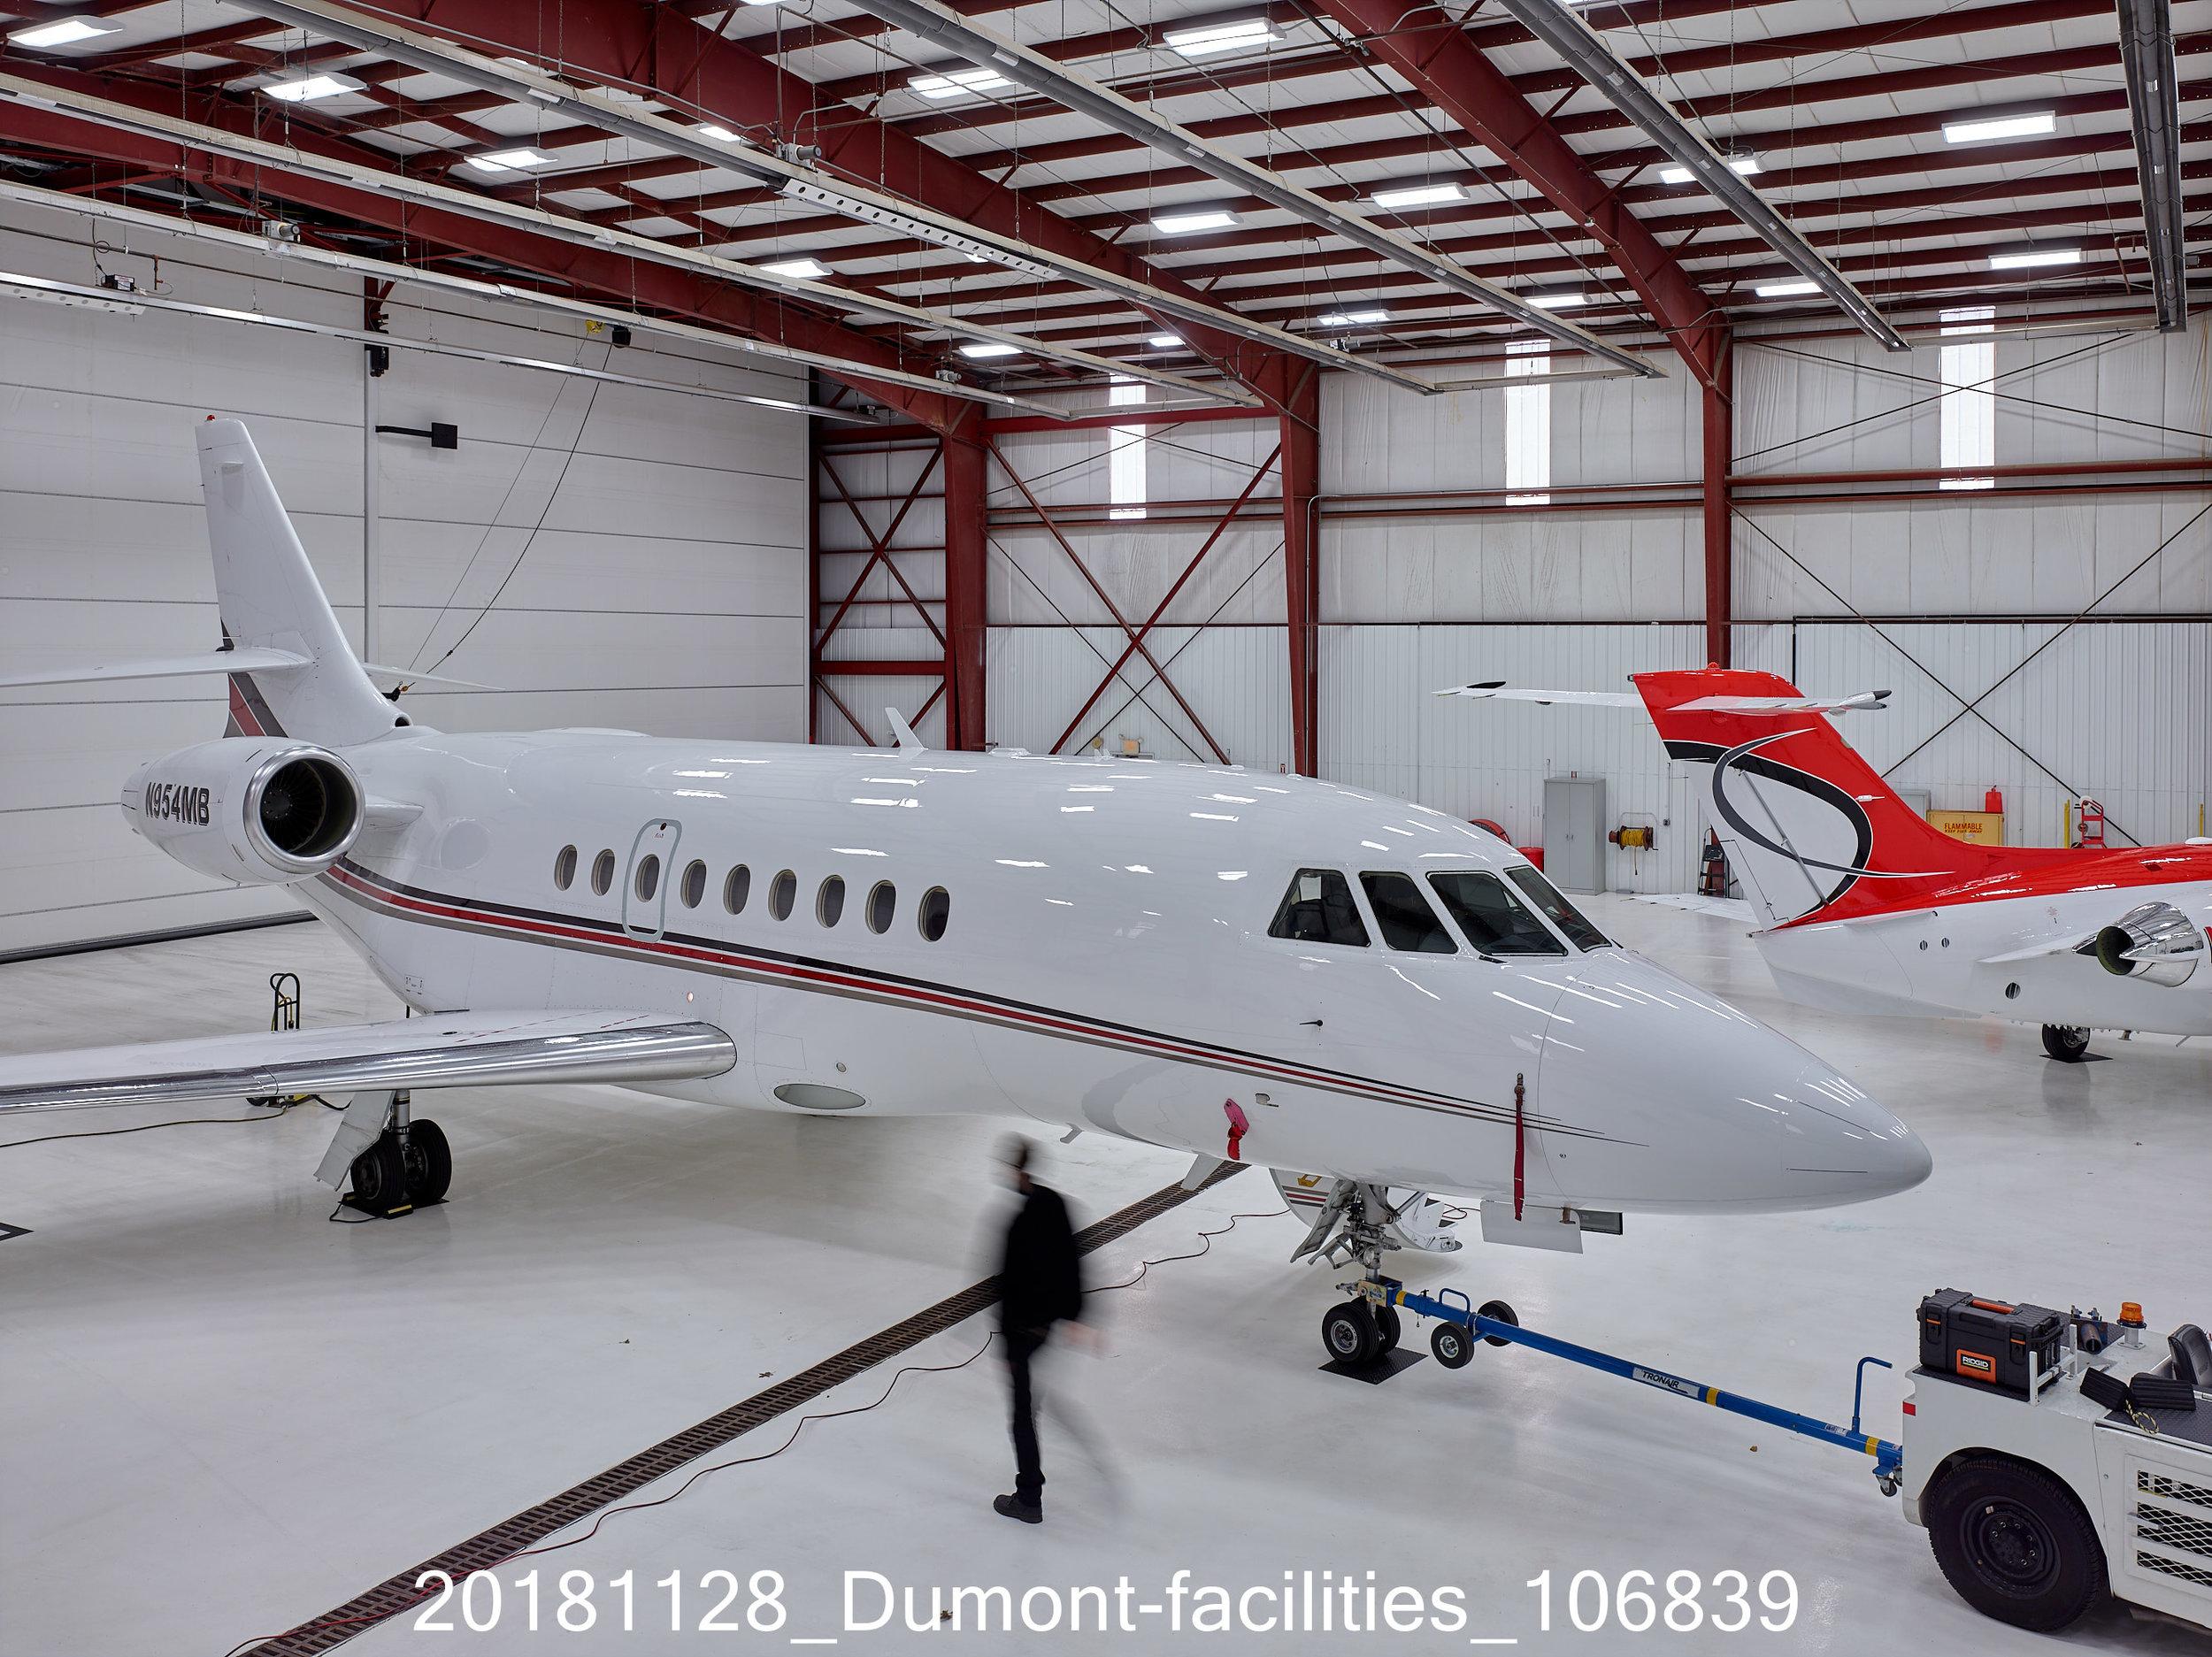 20181128_Dumont-facilities_106839.jpg